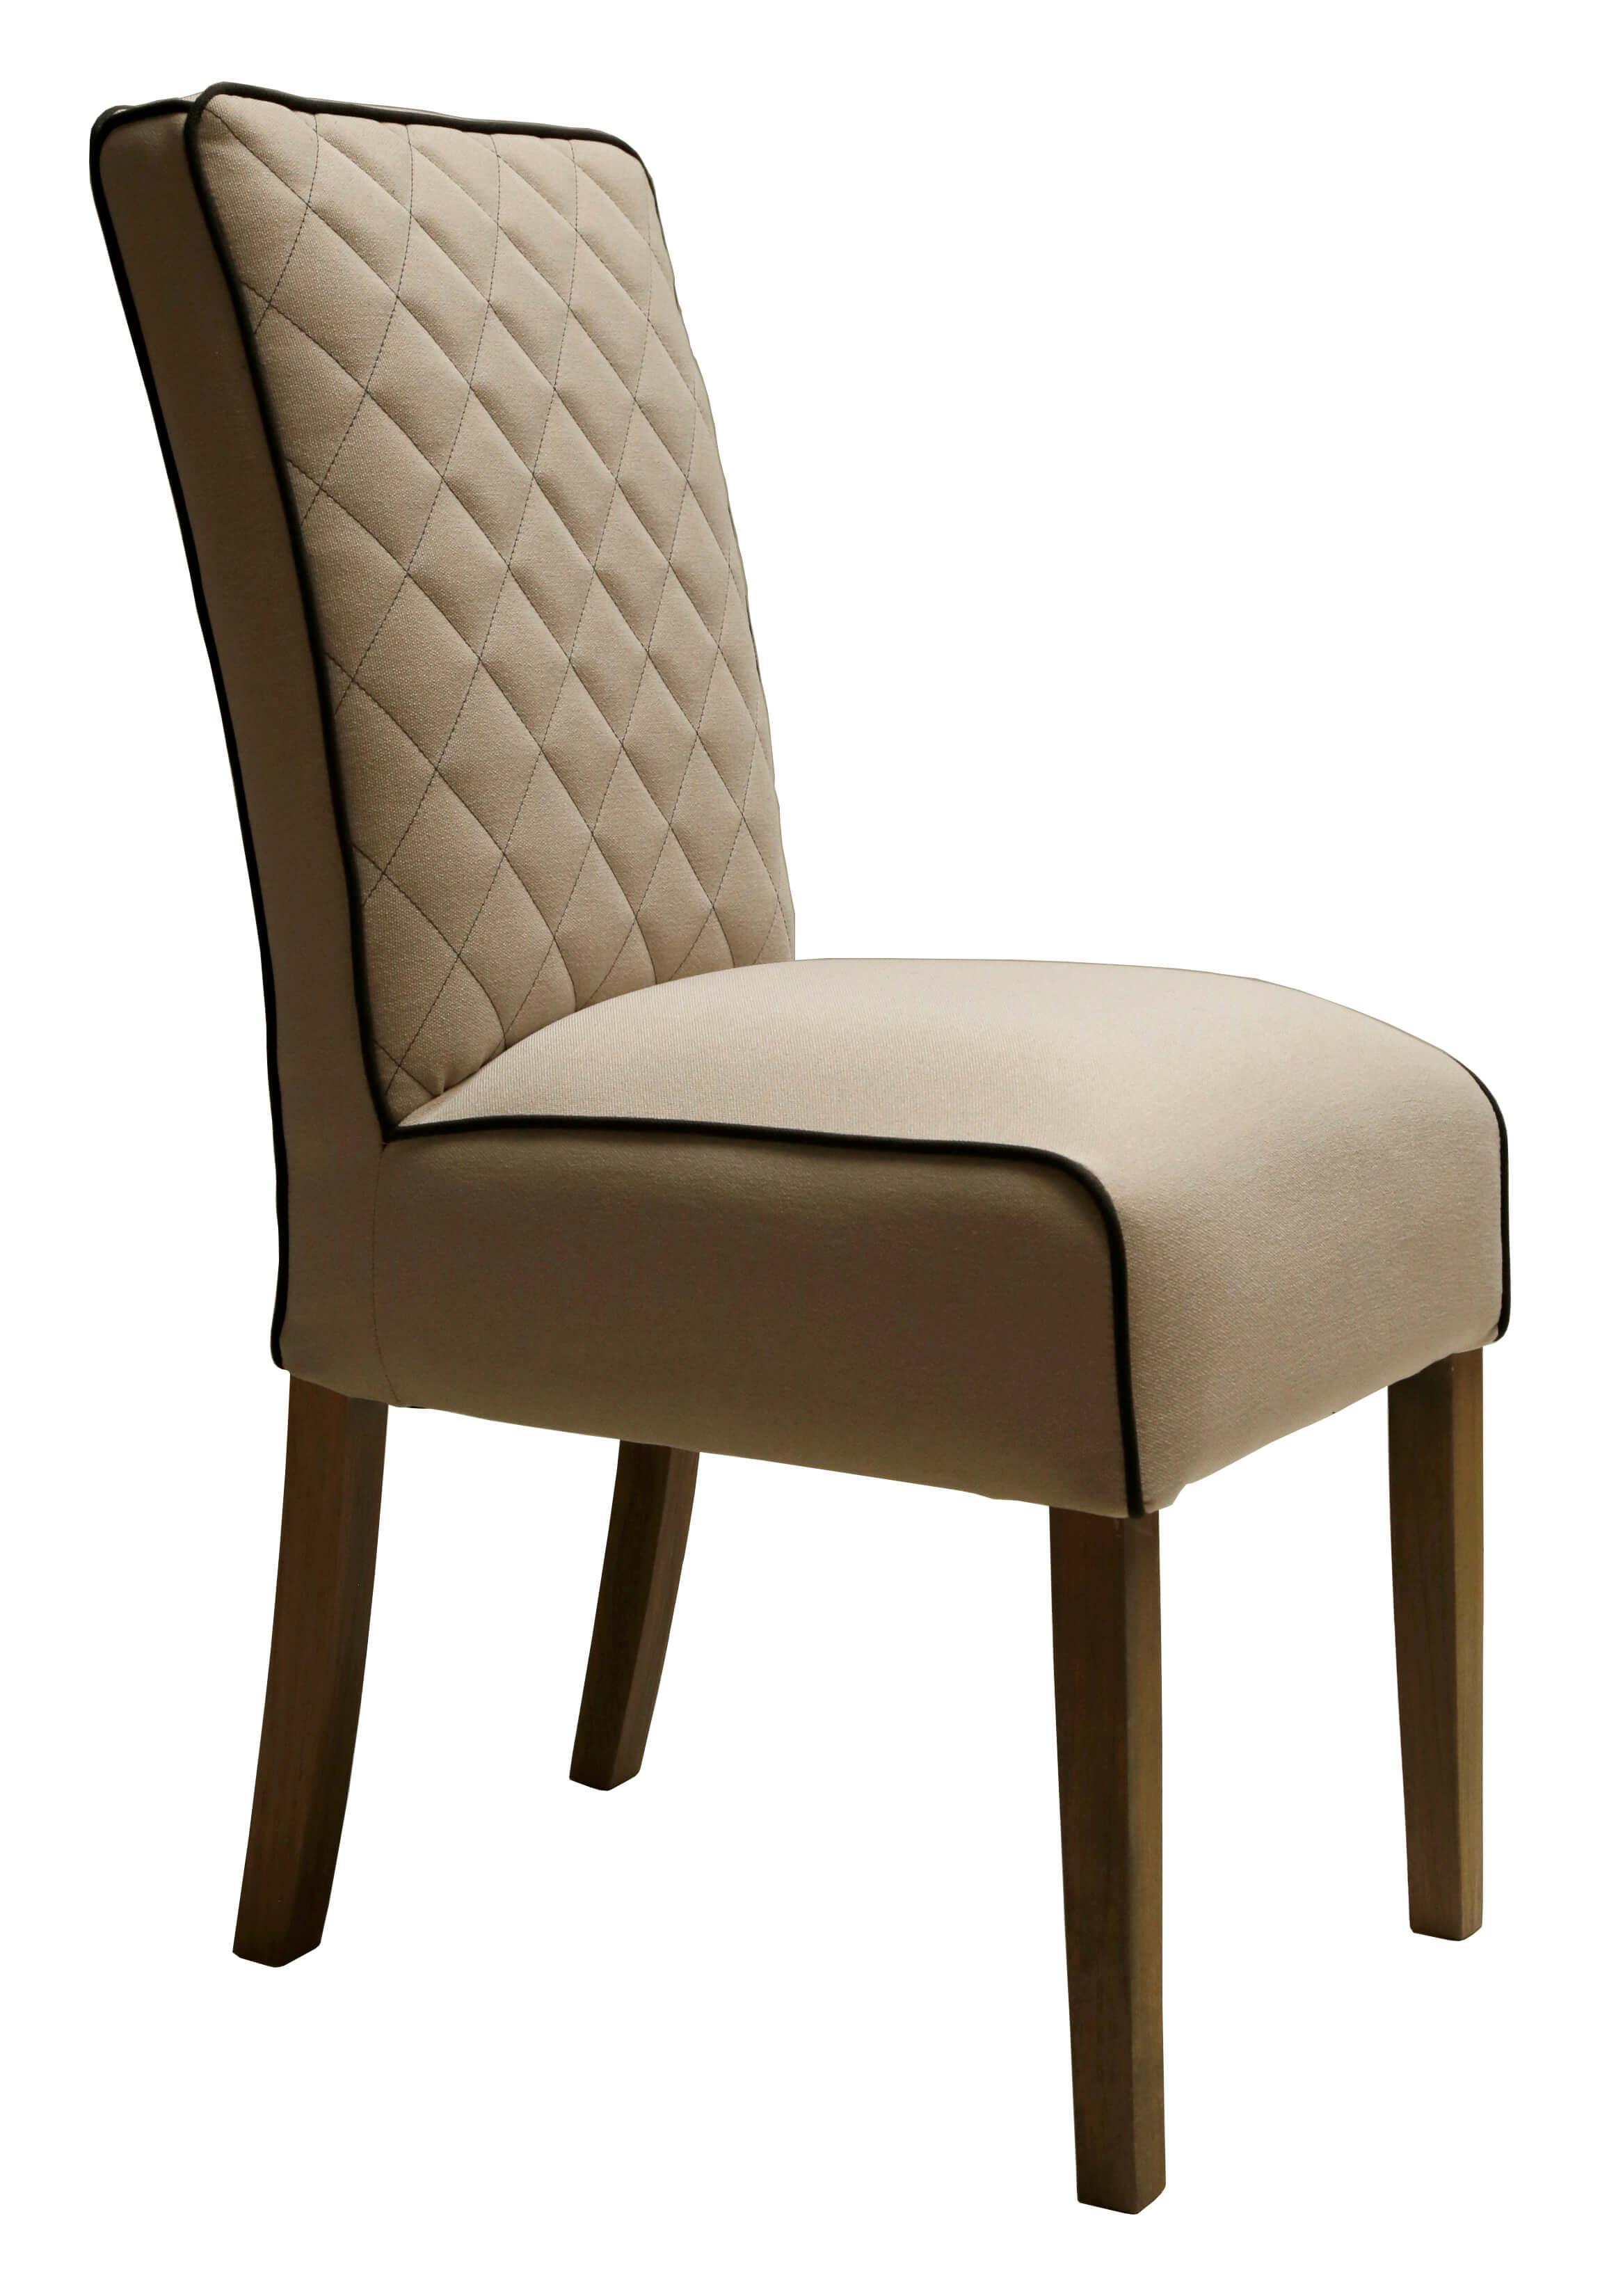 Landelijke stoel met ruit motief in diverse kleuren